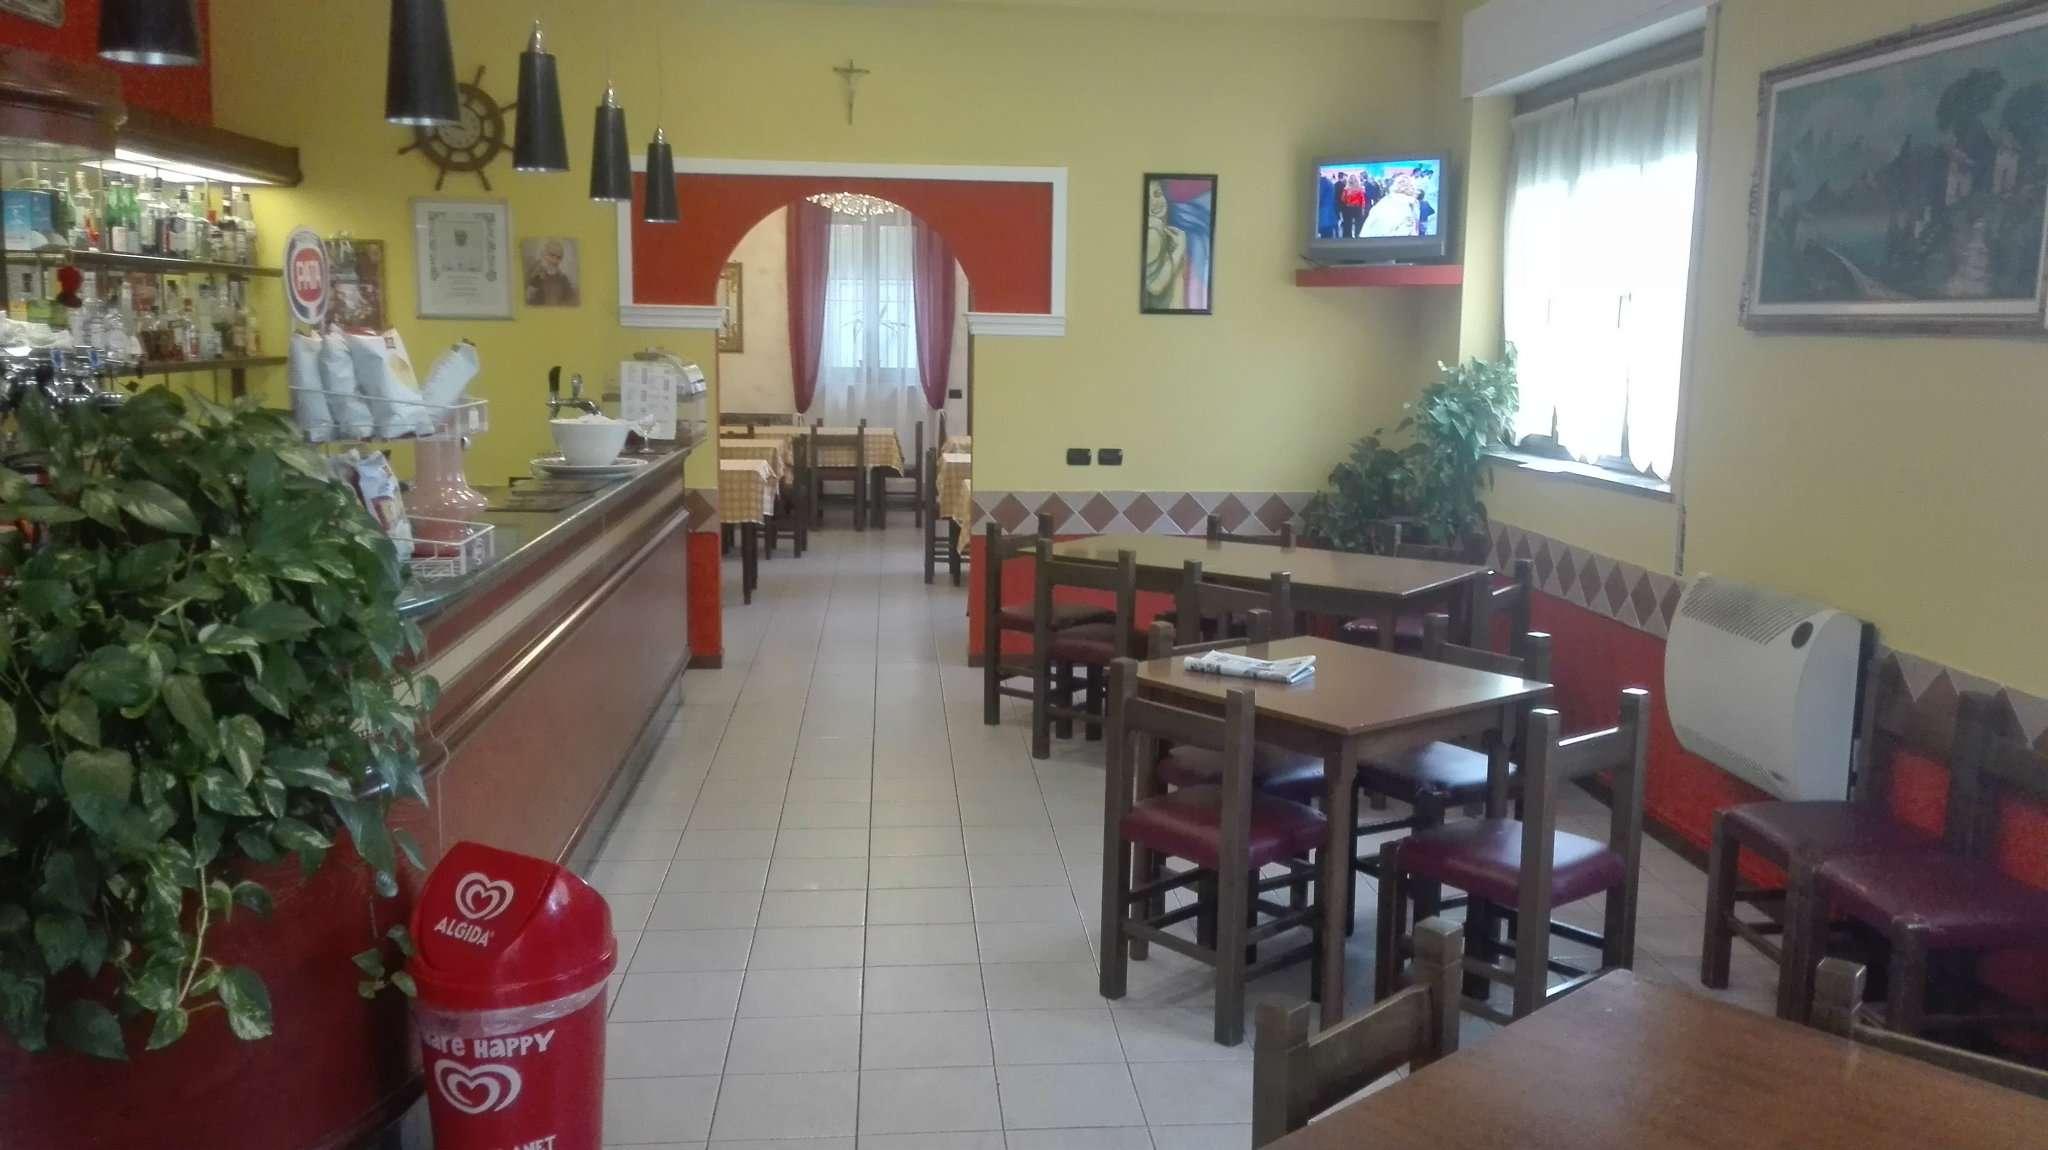 Ristorante / Pizzeria / Trattoria in vendita a Cologno Monzese, 4 locali, prezzo € 130.000 | PortaleAgenzieImmobiliari.it